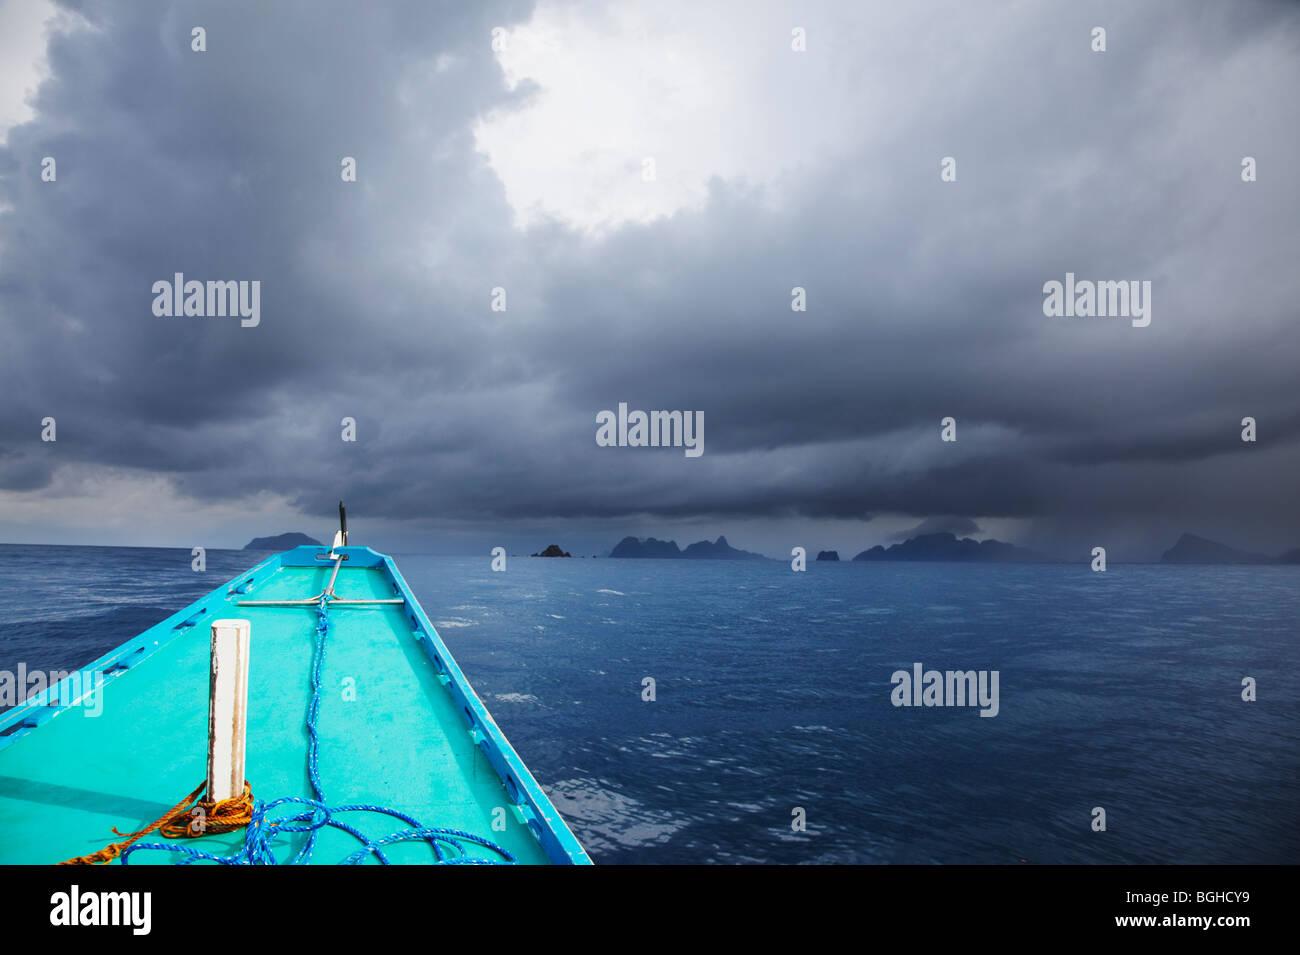 Banca voce in barca nella tempesta meteo; PALAWAN FILIPPINE;. Immagini Stock